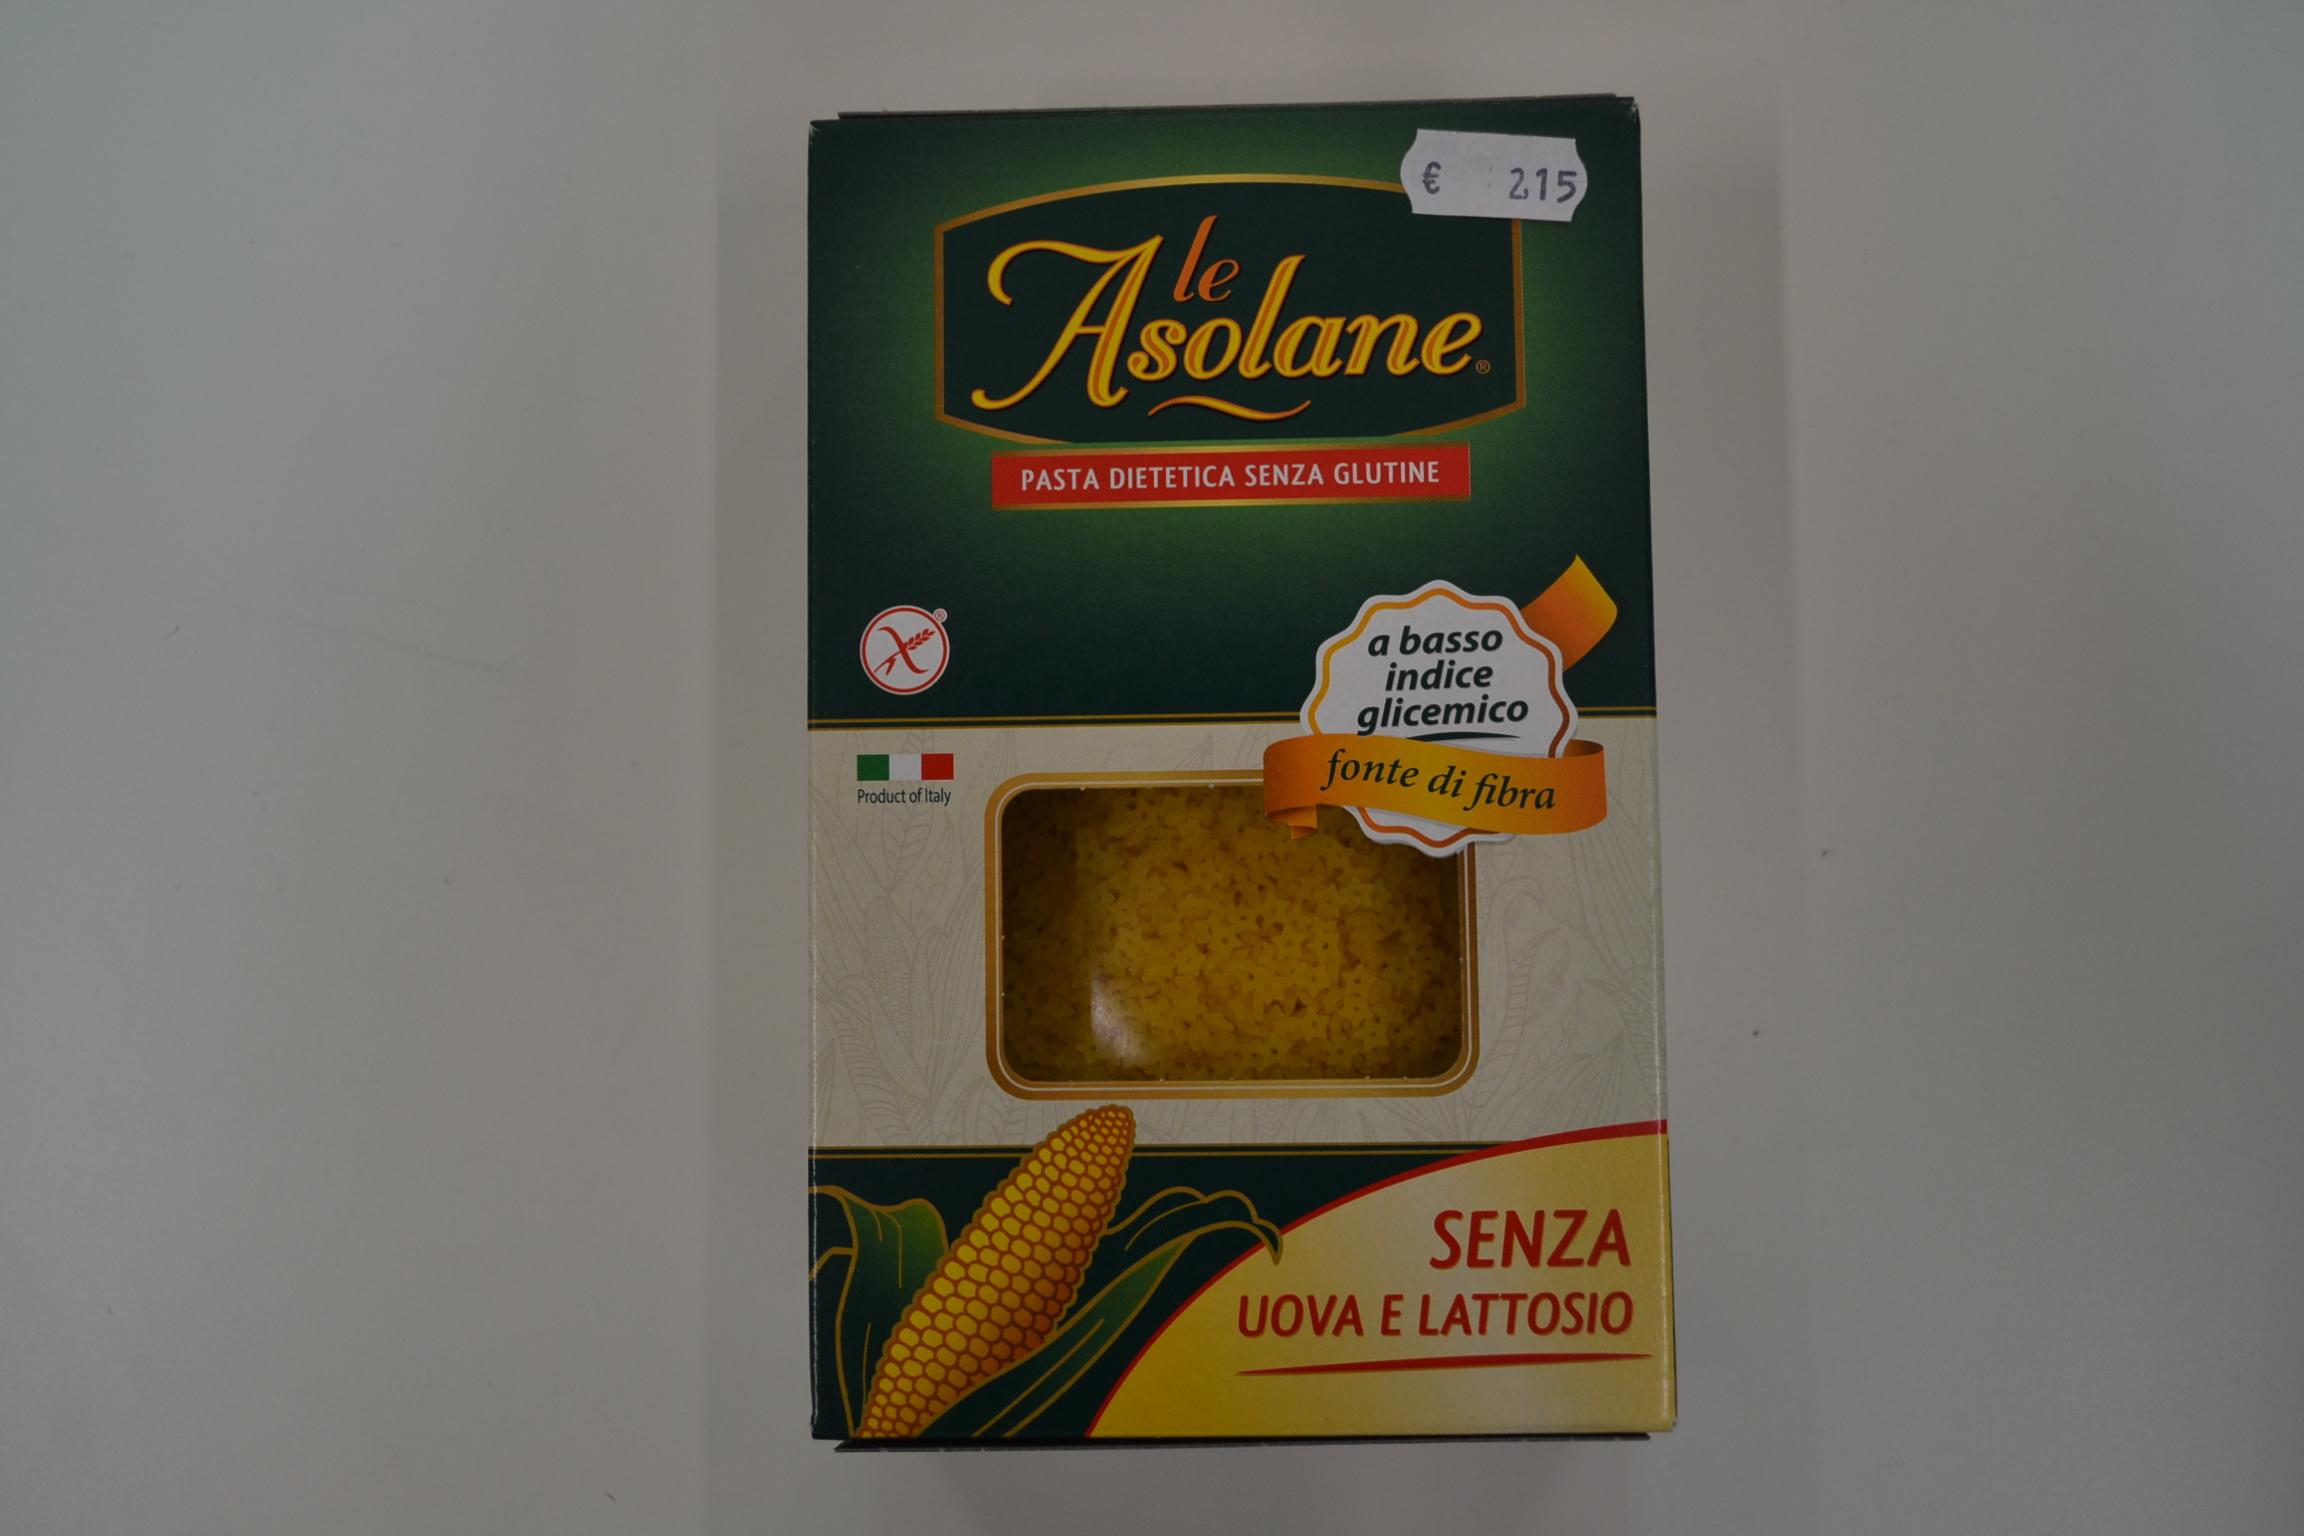 LE ASOLANE (fonte di fibre) € 2,15